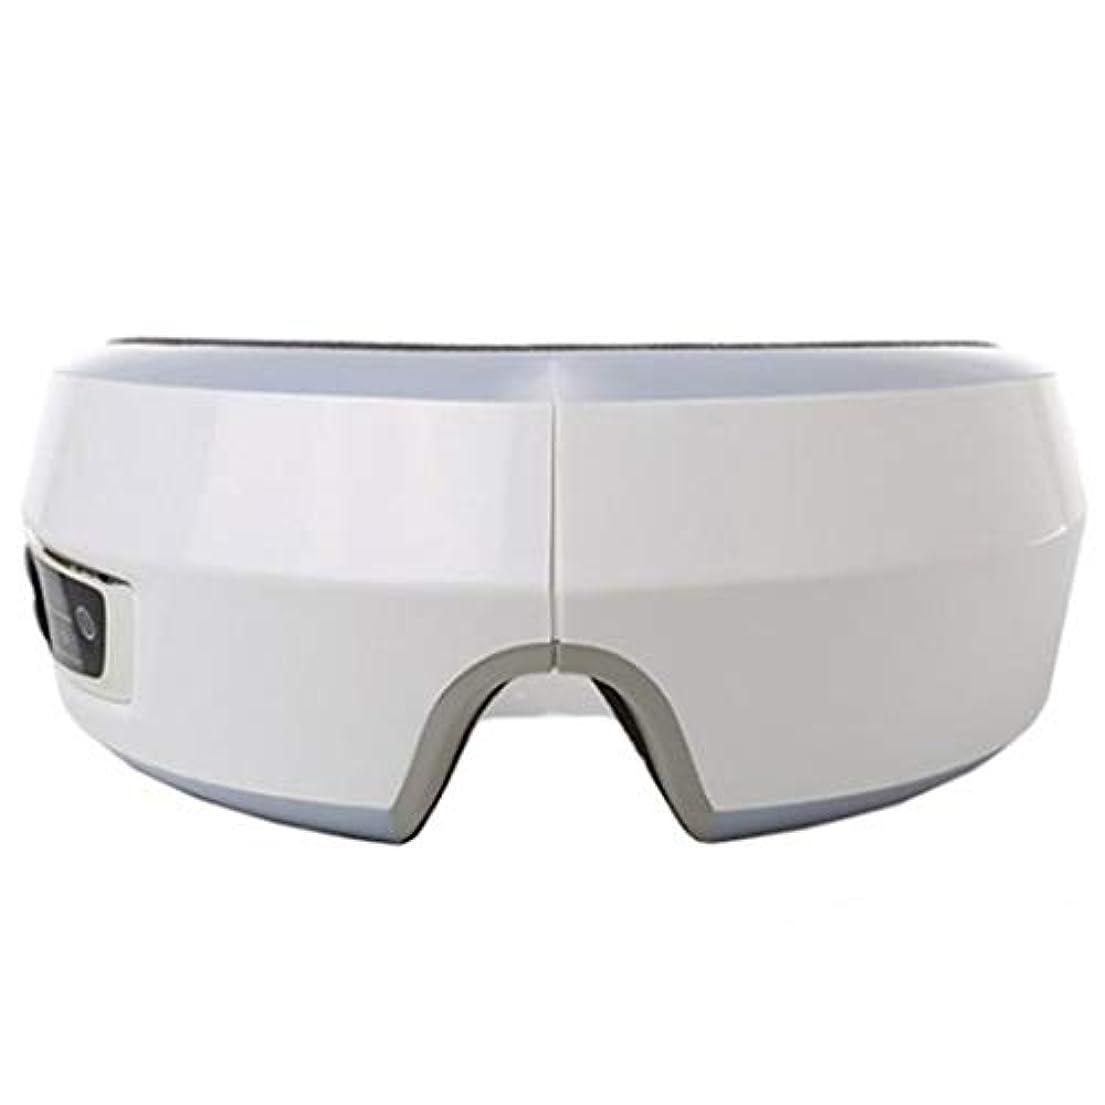 ワーム母性アマチュアZESPAアイヒーリングソリューションアイマッサージャー振動加熱マッサージ音楽機能ZP441 ZESPA Eye Healing Solution Eye Massager Vibration Heating Massage...